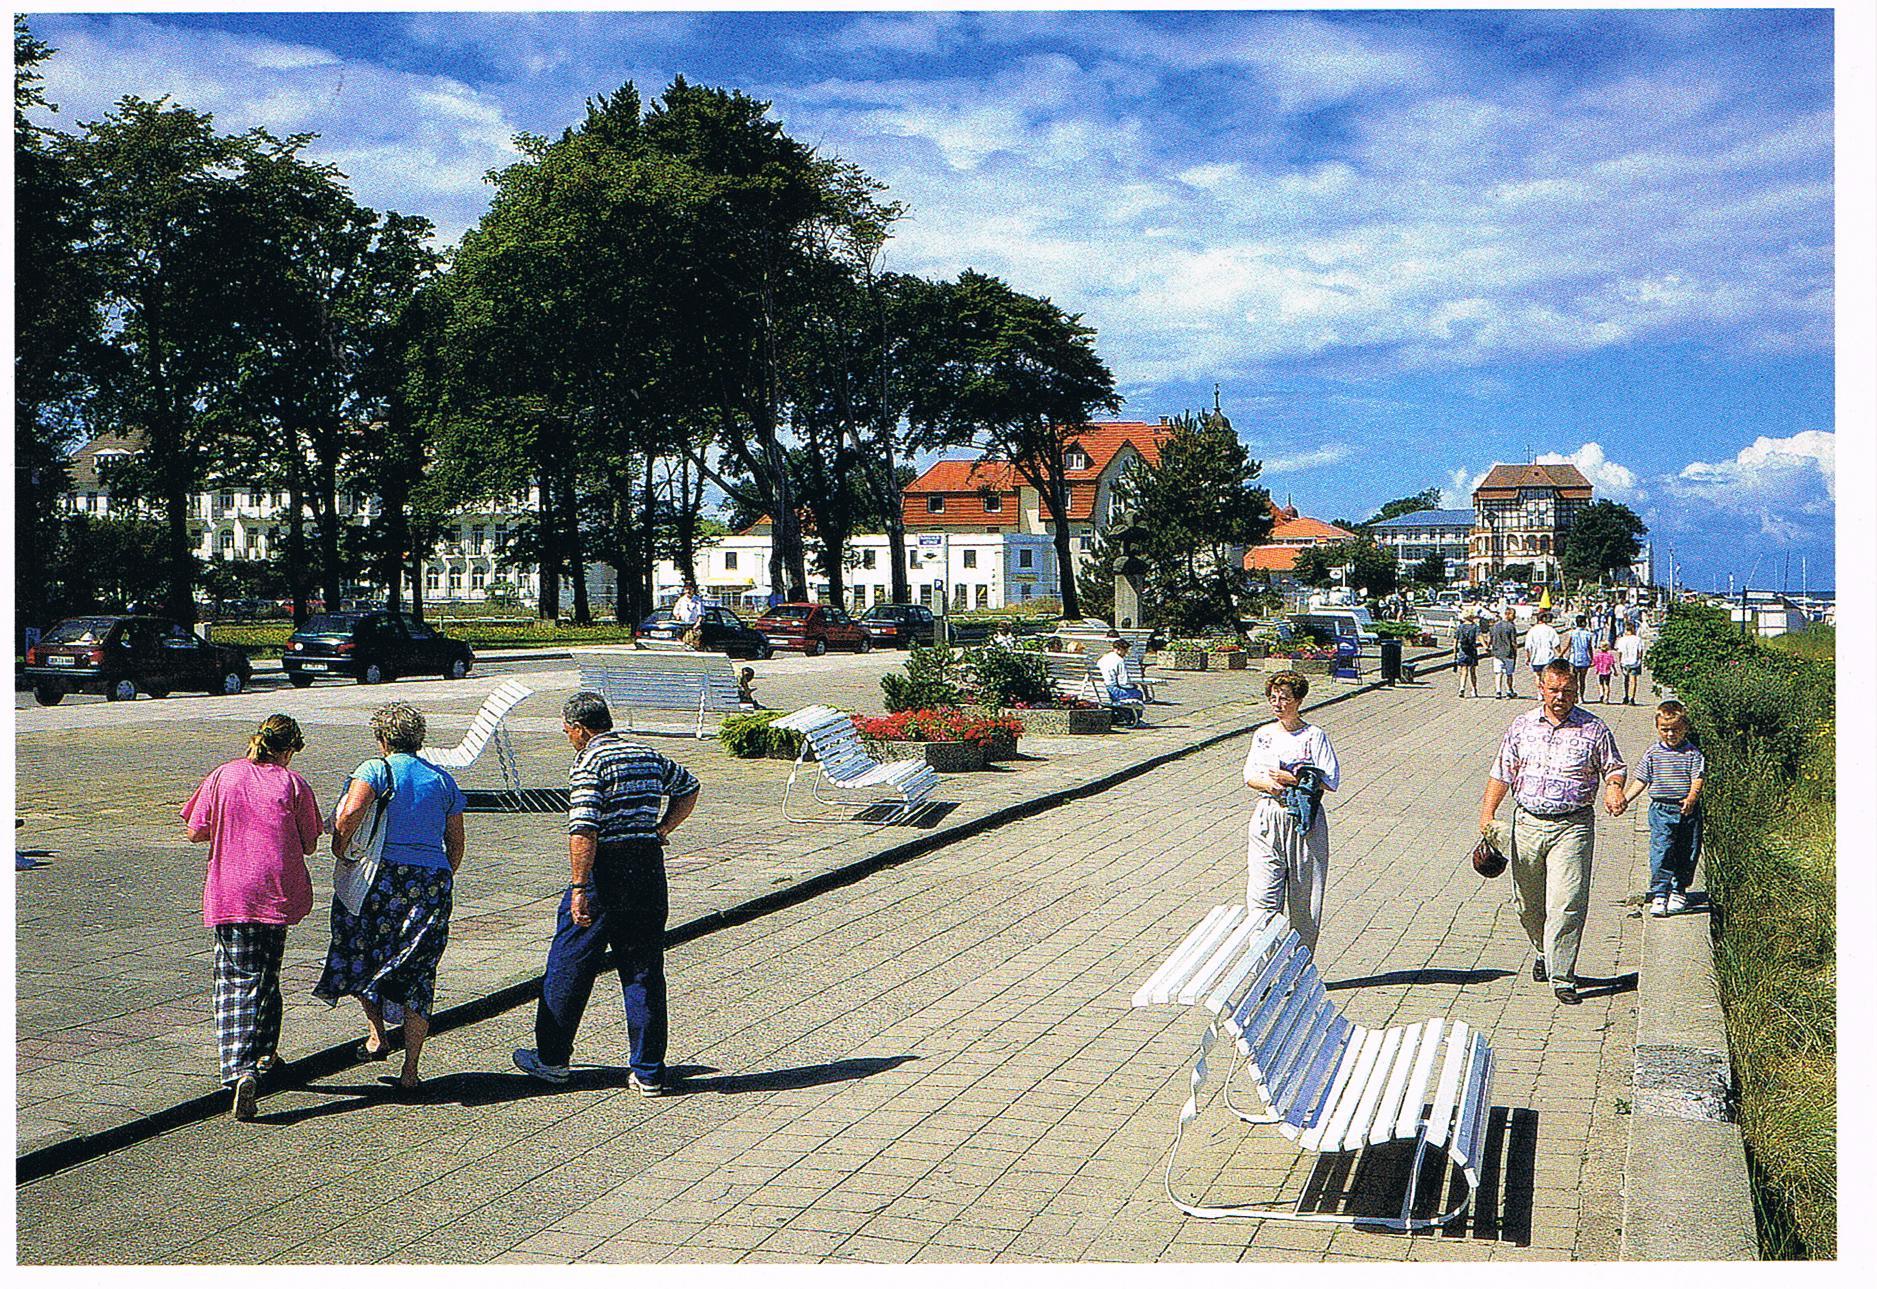 Die Promenade von Kühlungsborn West in Mecklenburg